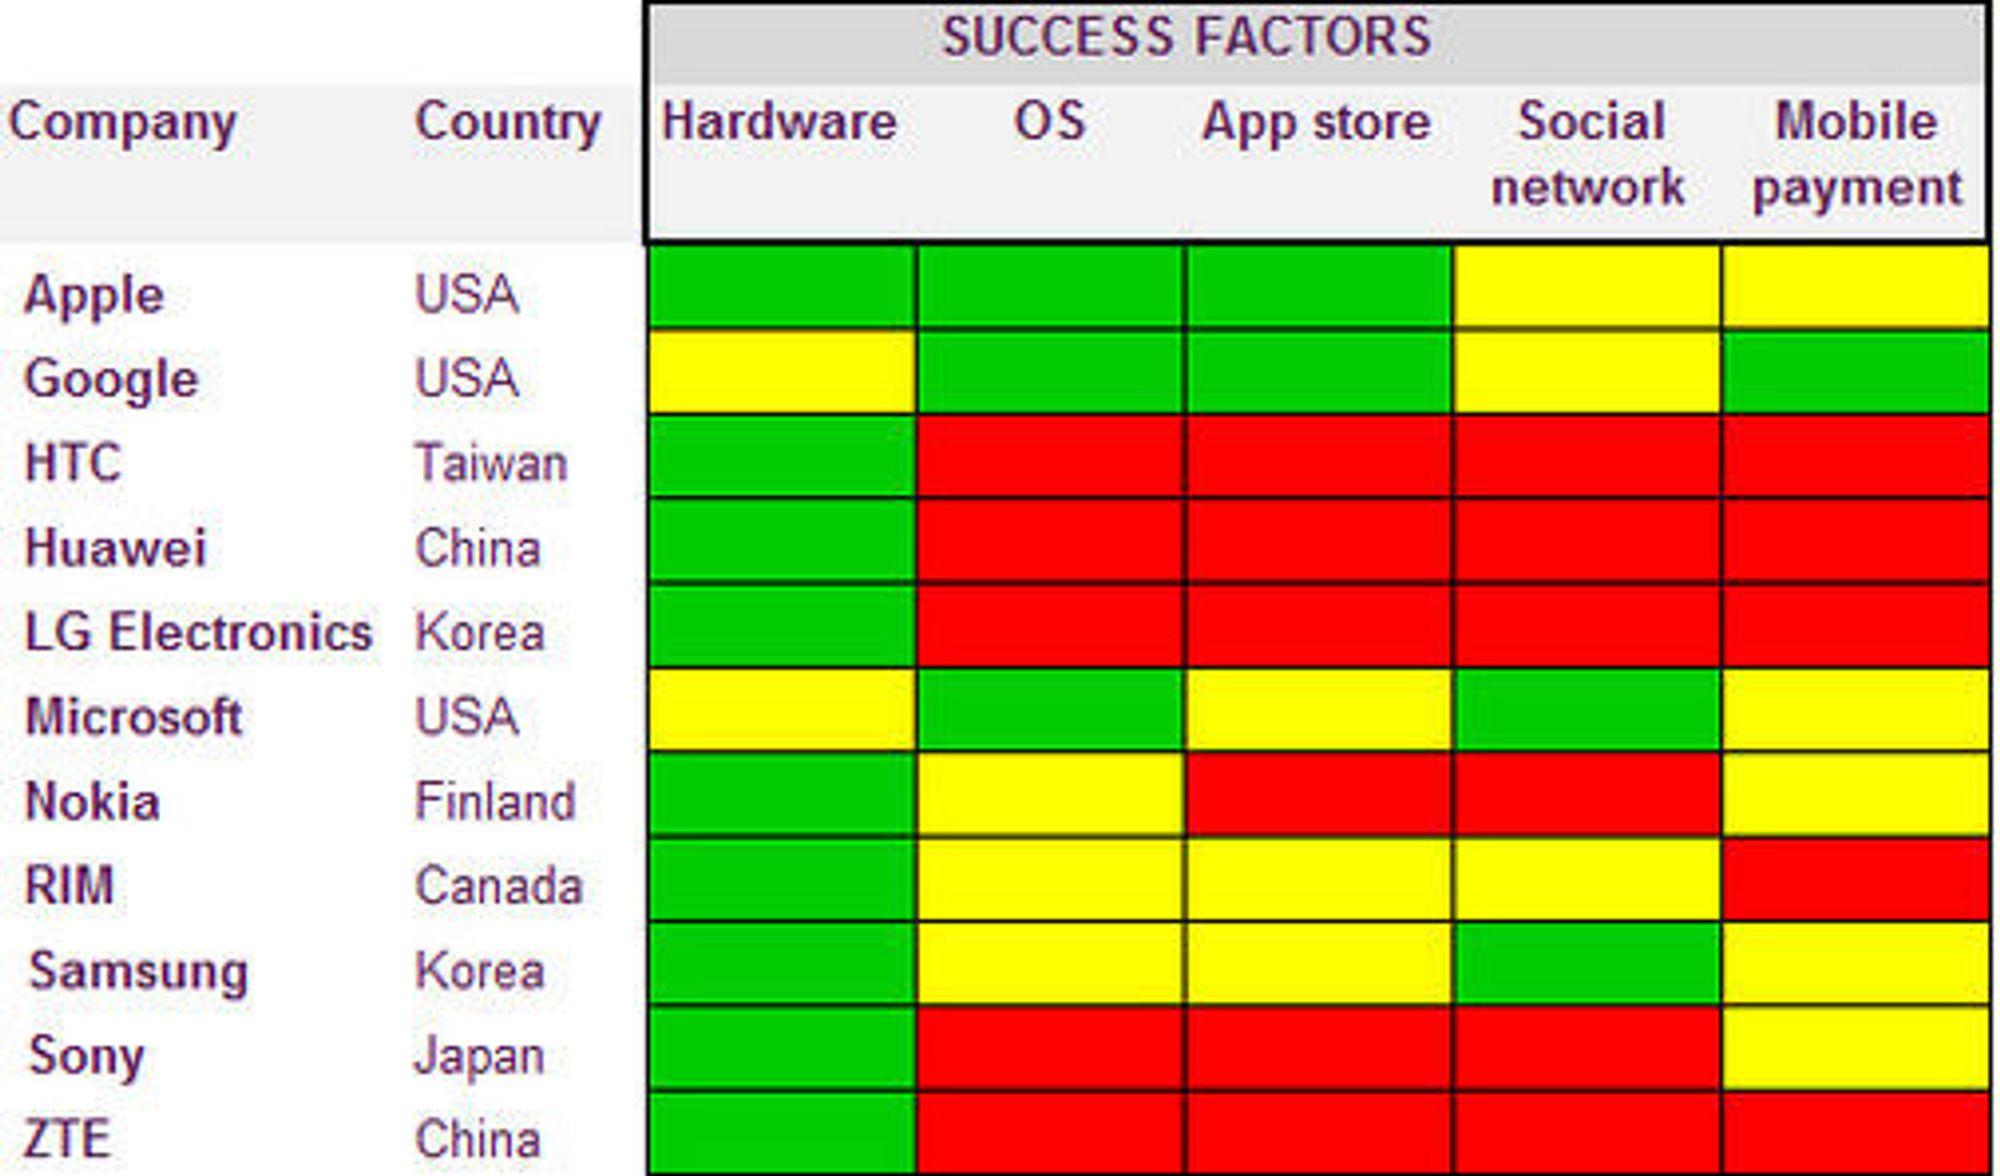 Hvordan suksessfaktorene ser ut til å slå ut i forhold til ledende aktørers inntjening.